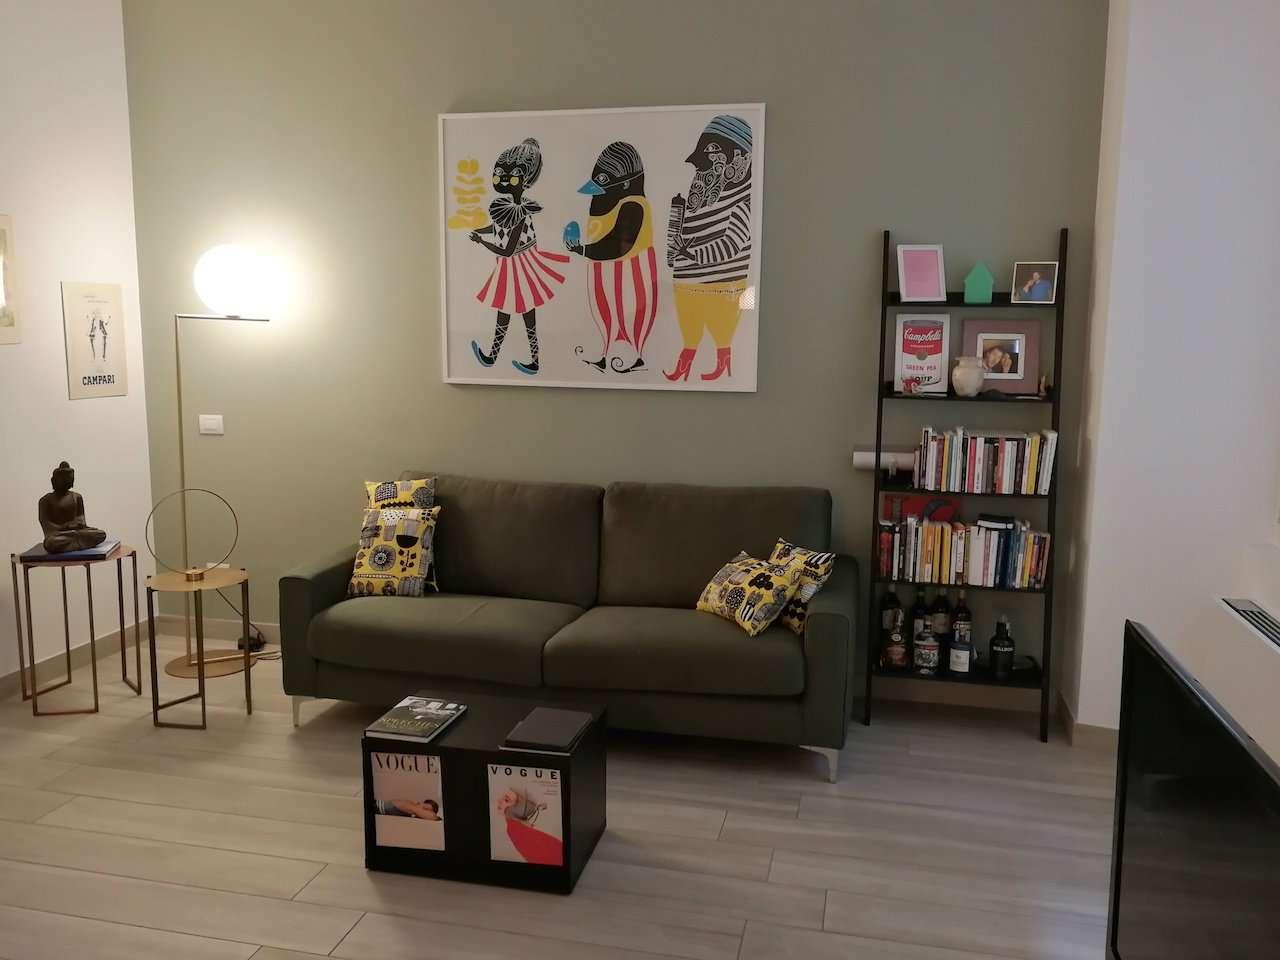 Appartamento in Affitto a Milano 03 Venezia / Piave / Buenos Aires: 2 locali, 70 mq